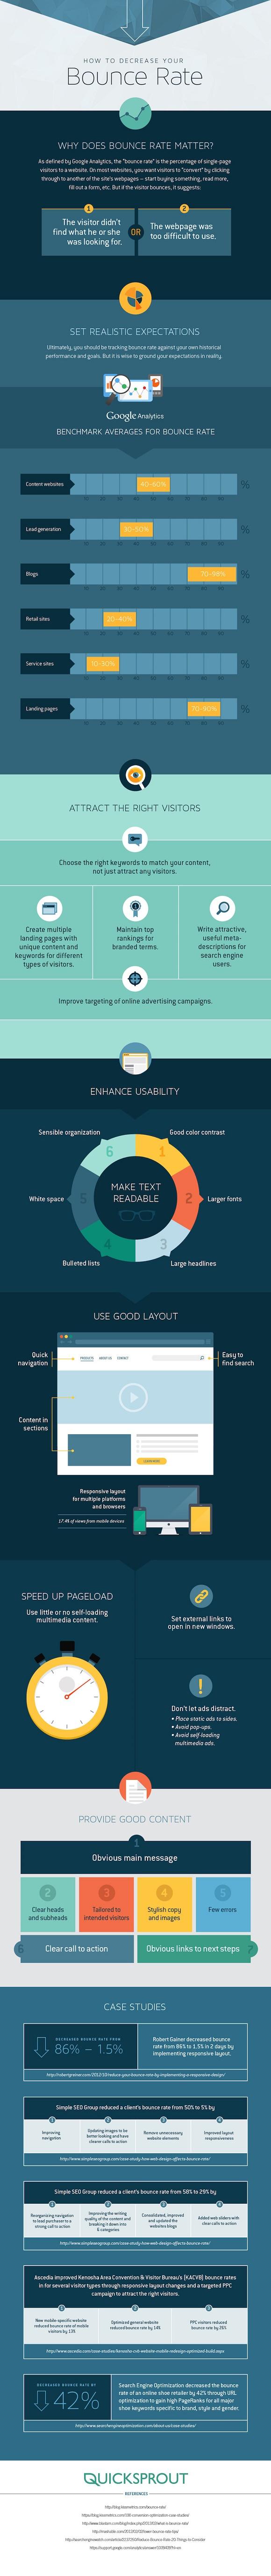 Come diminuire la frequenza di rimbalzo del tuo sito o blog